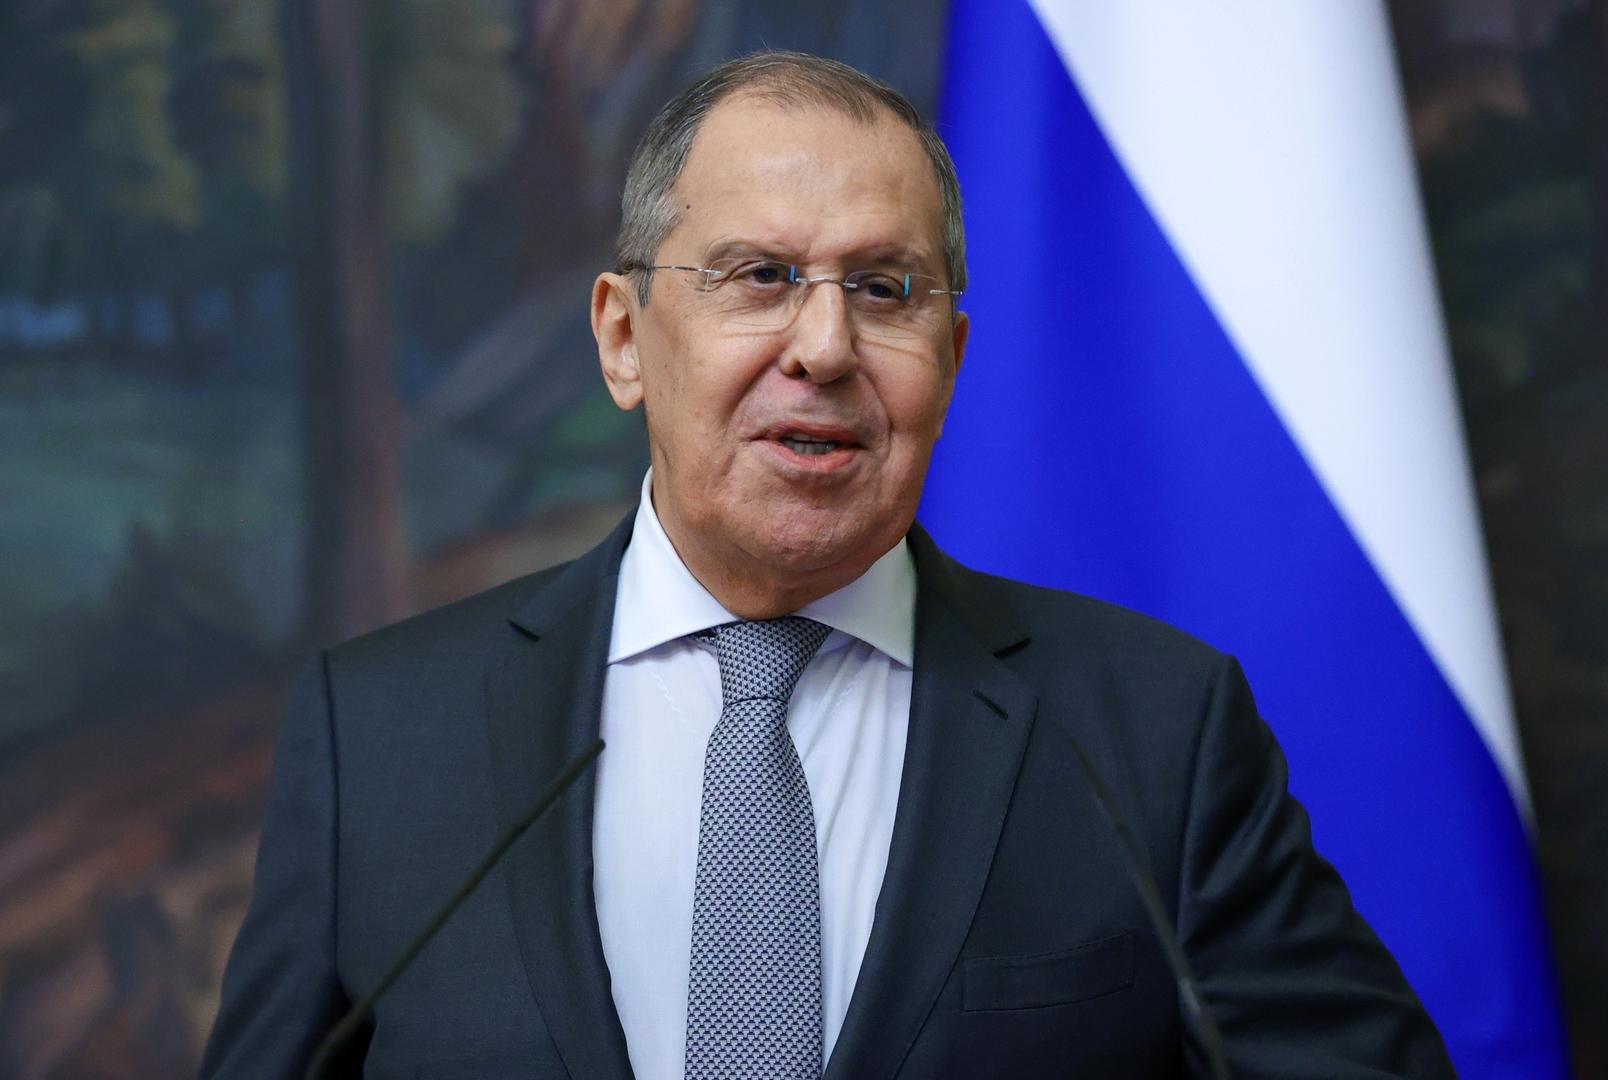 لافروف يعقد اجتماعات مع نظراء أجانب بينهم وزيرا خارجية سوريا والسعودية في نيويورك